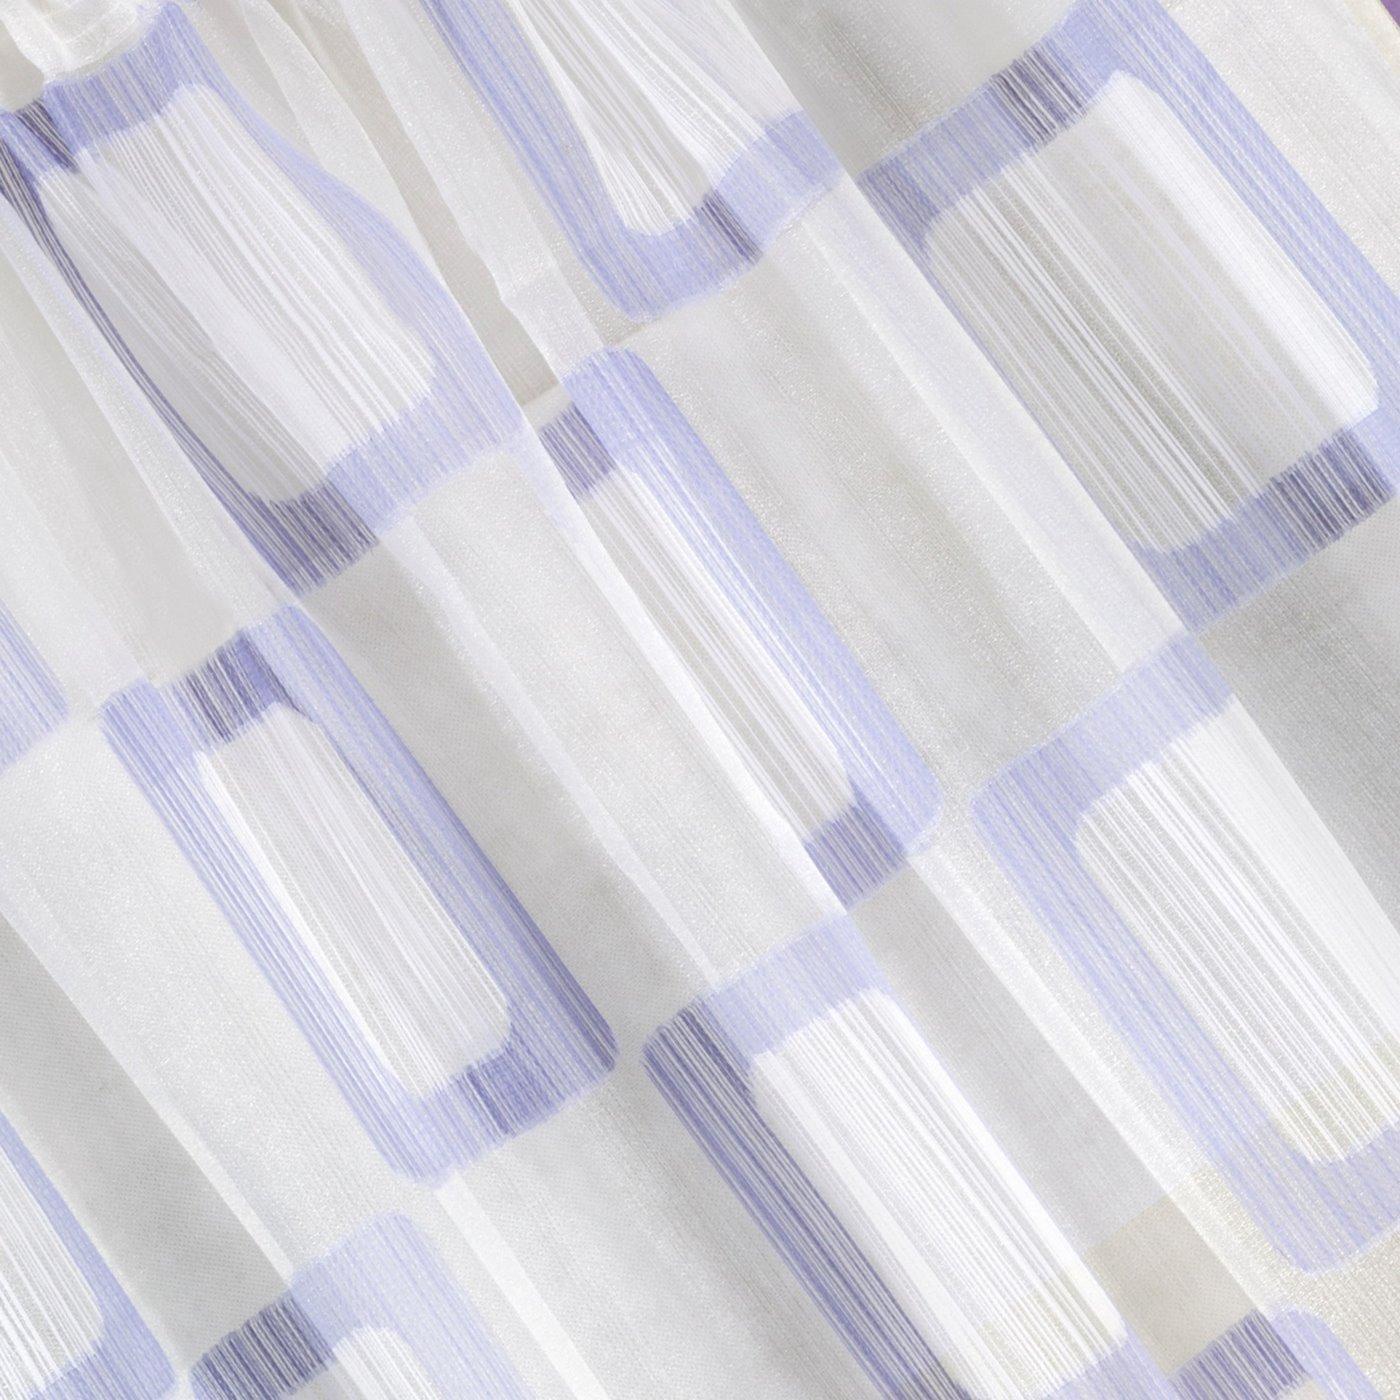 Biała zasłona na taśmie w kwadraty tunel 140x250 cm